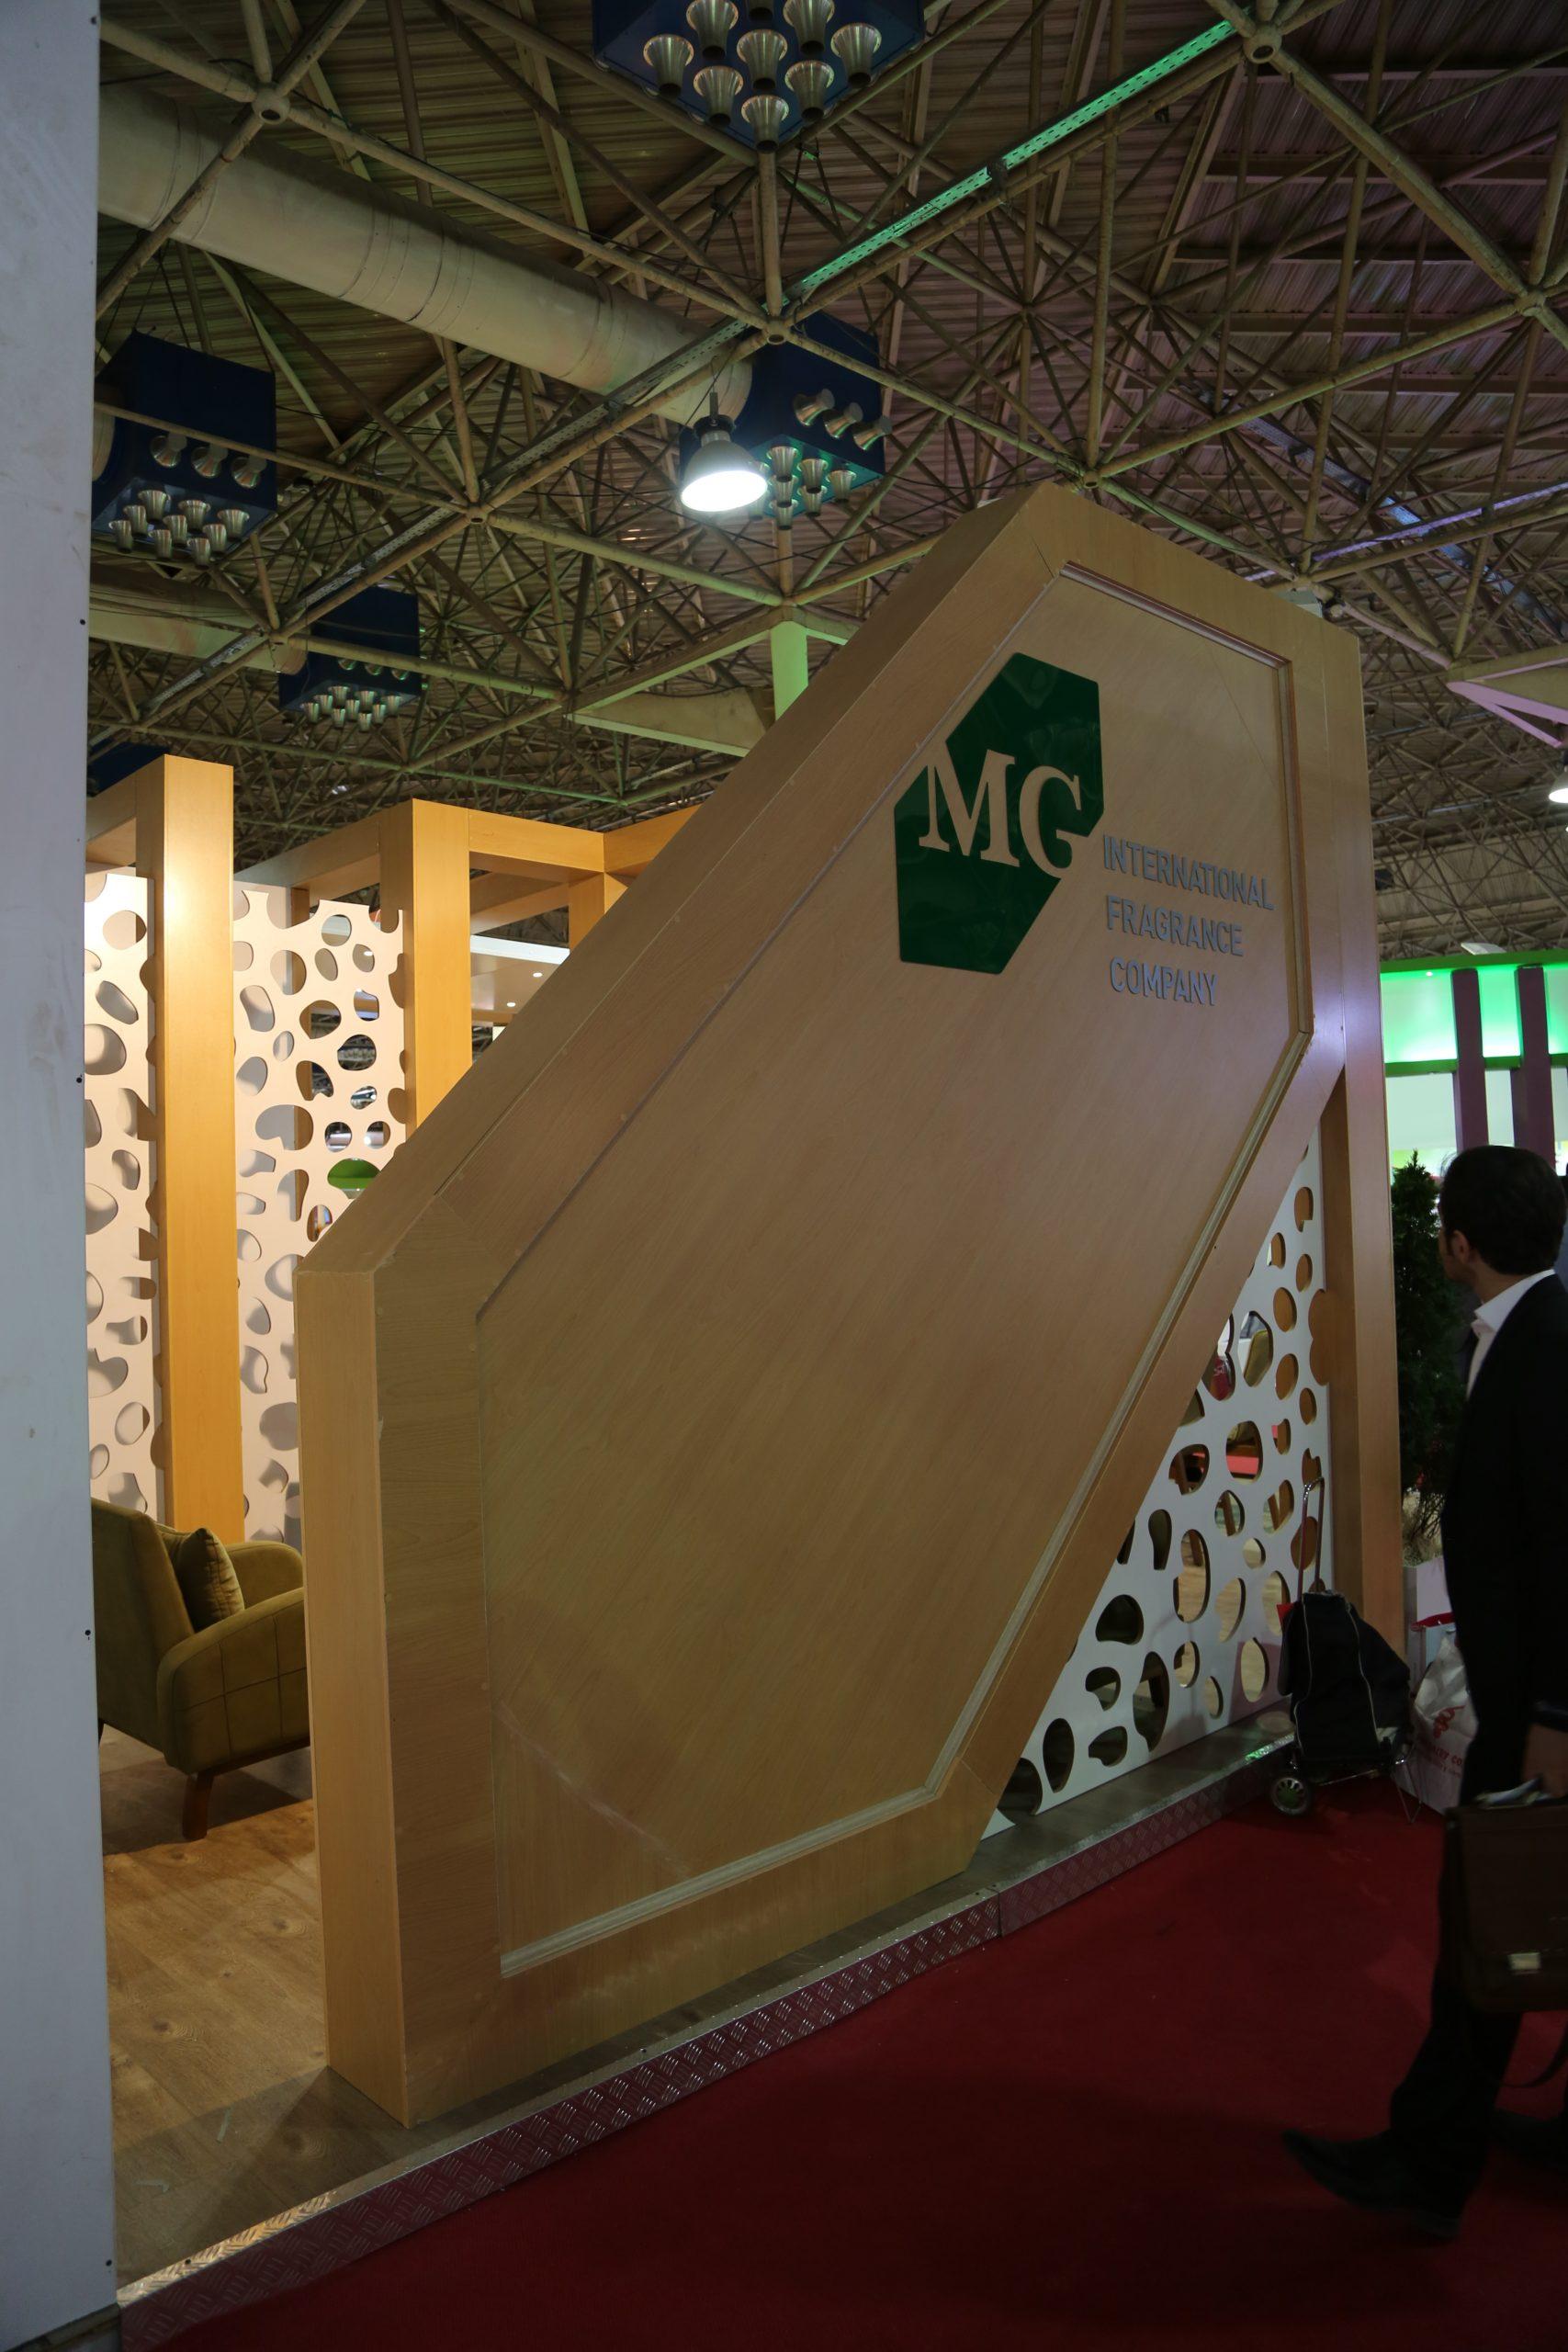 طراحی و ساخت غرفه شرکت شوبات در نمایشگاه ایران بیوتی